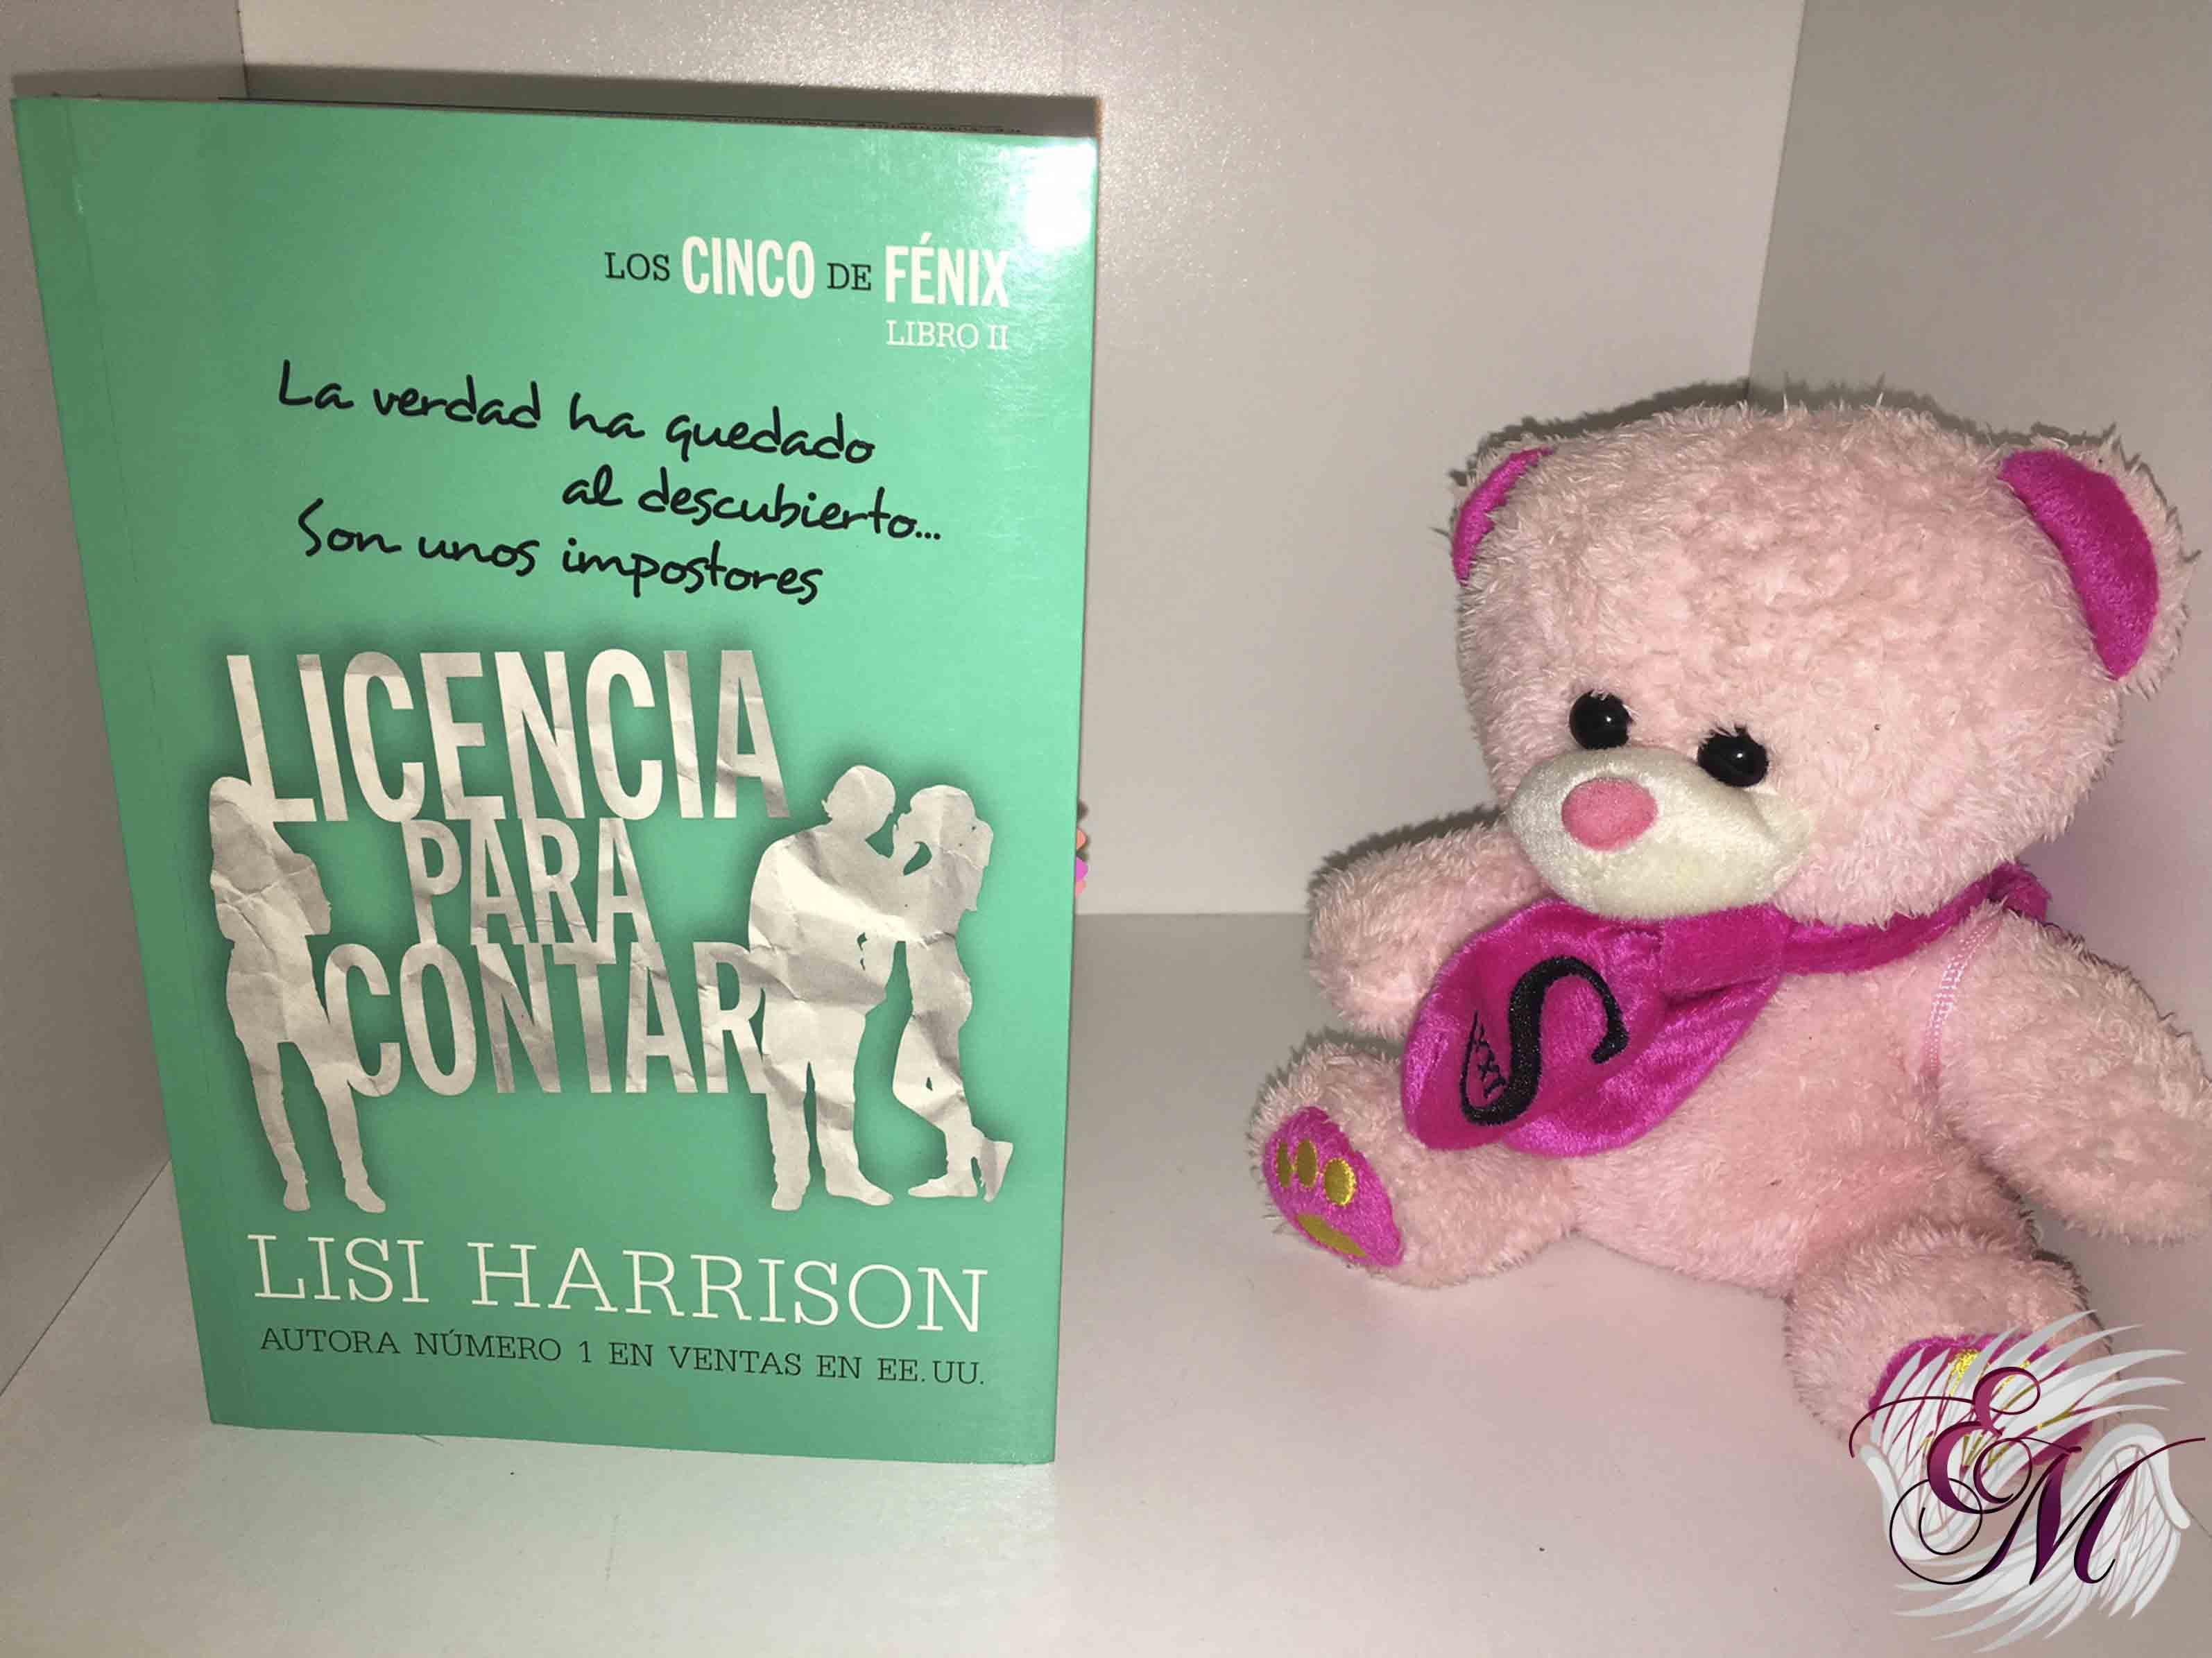 Licencia para contar, de Lisi Harrison - Reseña